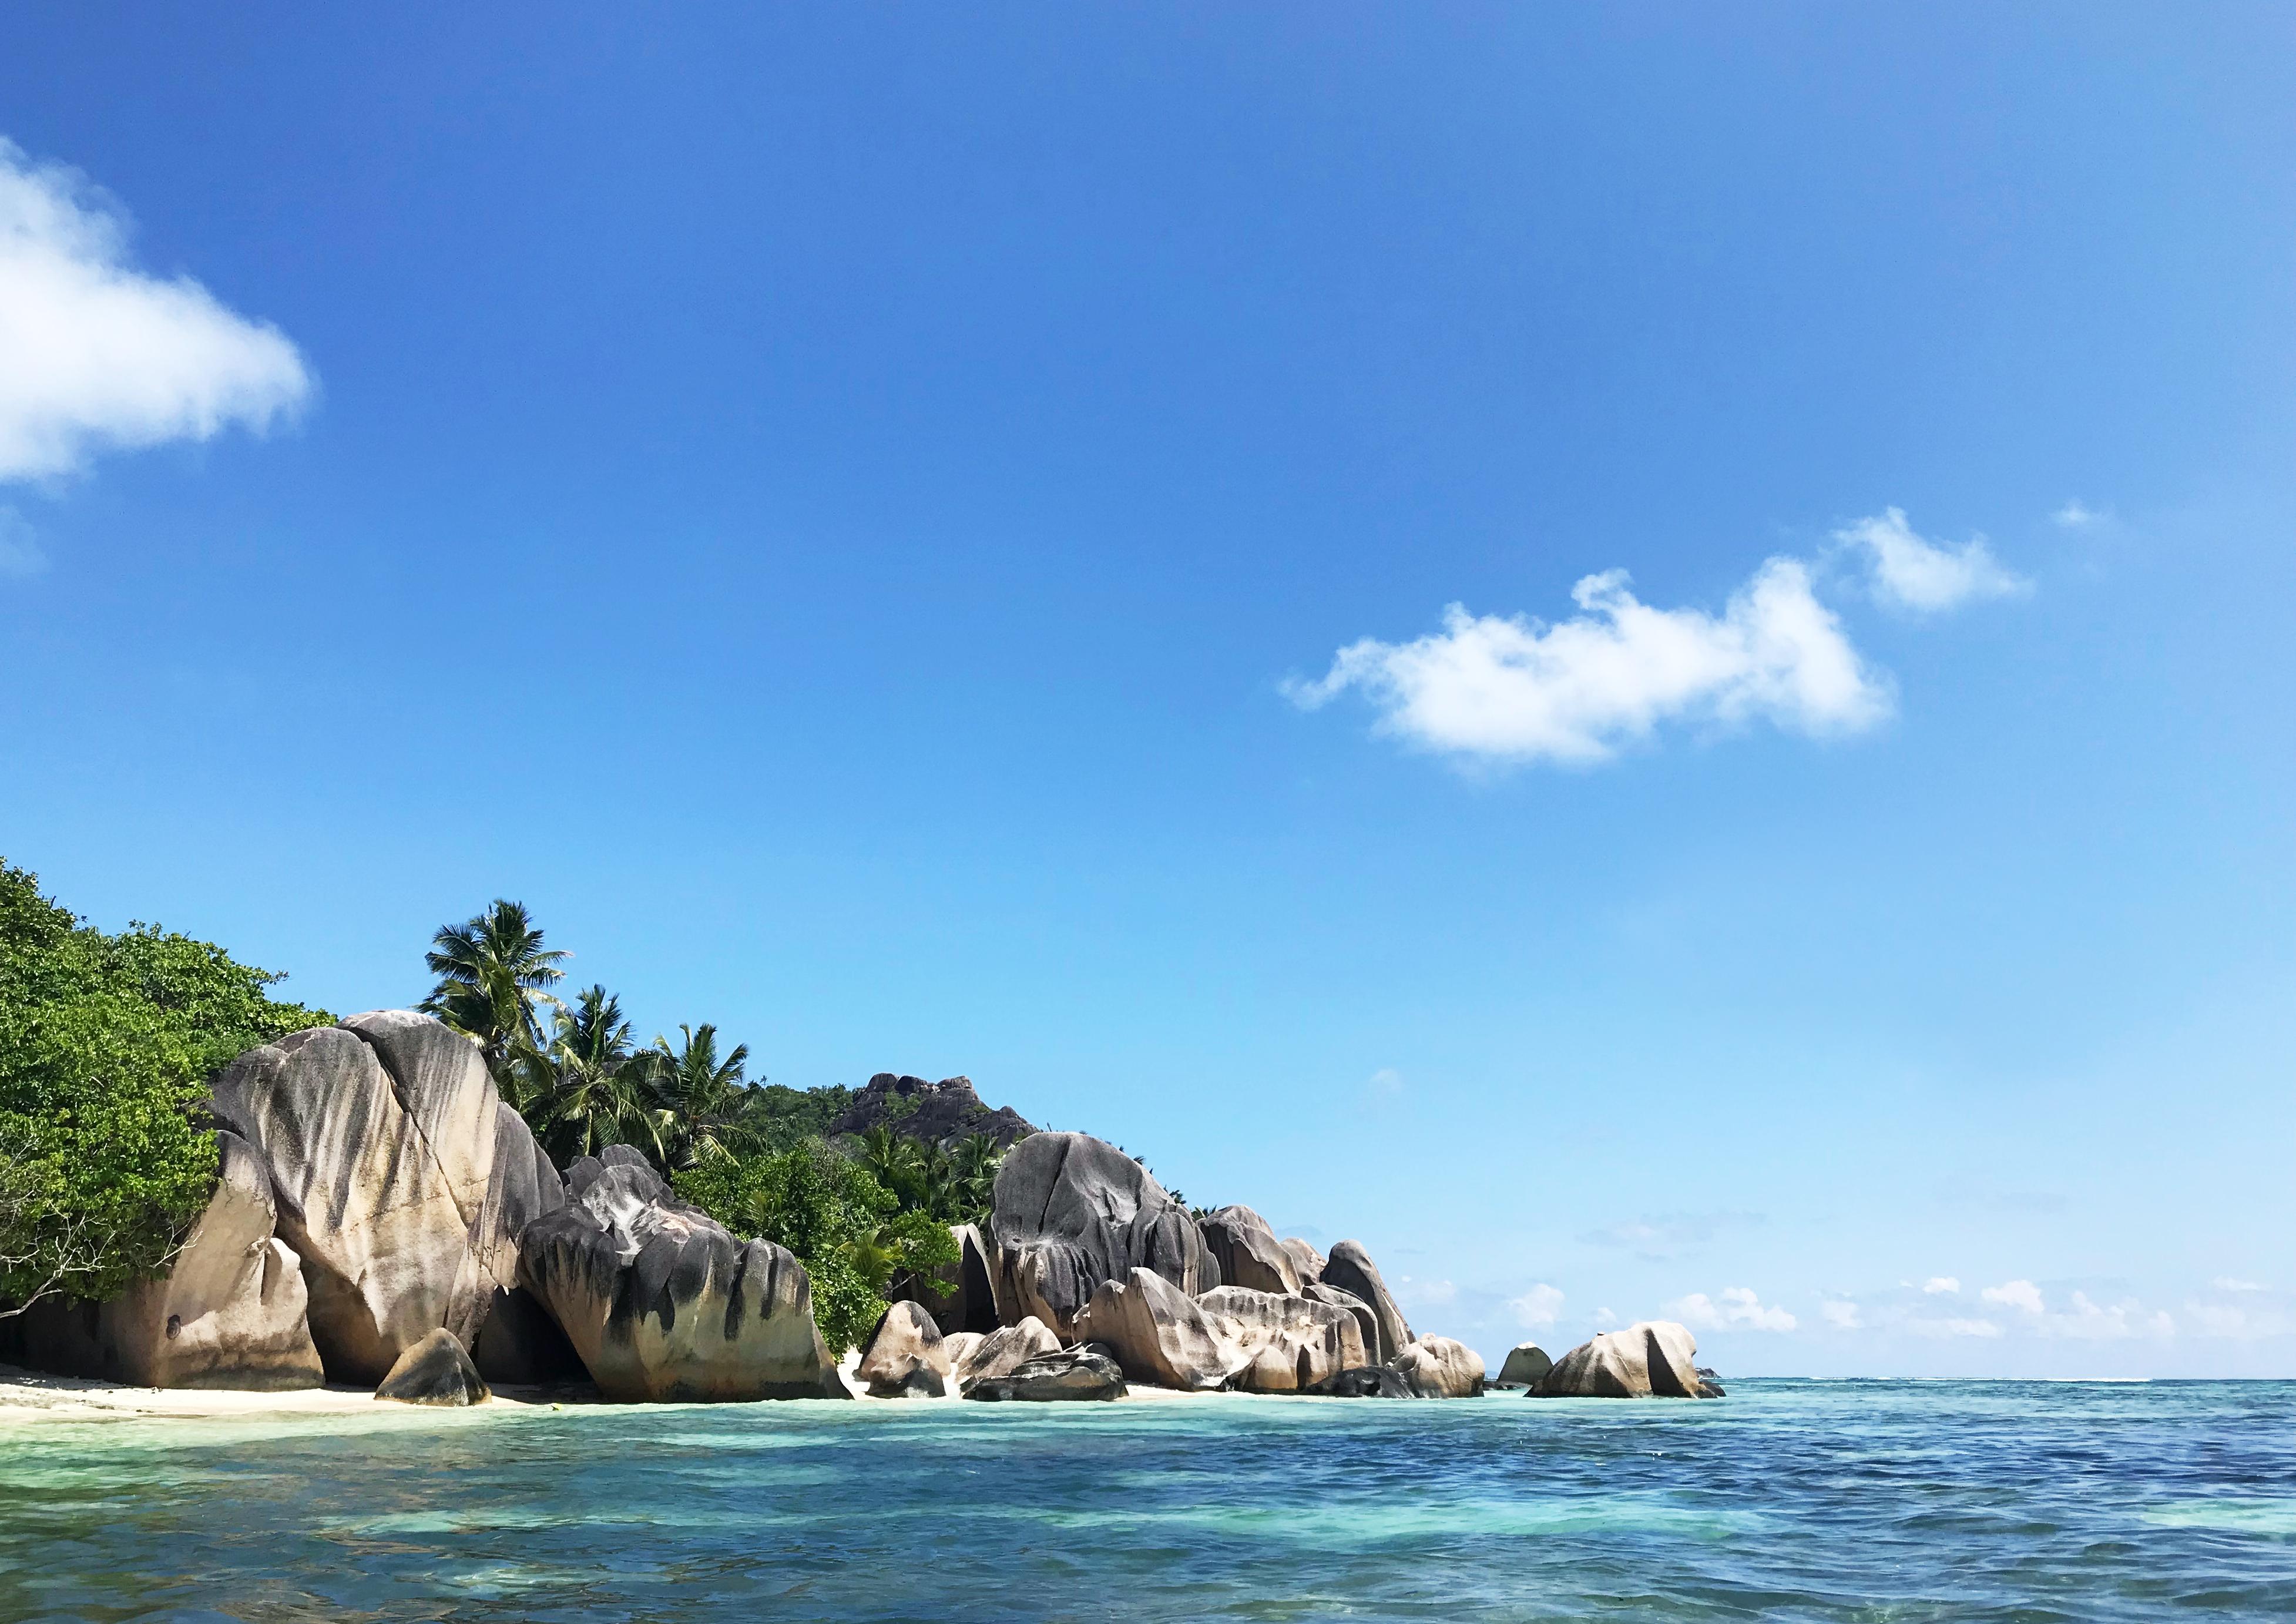 Лучший пляж в мире, черепахи и кокосовый ром: зачем лететь на Сейшелы Лучший пляж в мире, черепахи и кокосовый ром. Зачем лететь на Сейшелы? img 1387